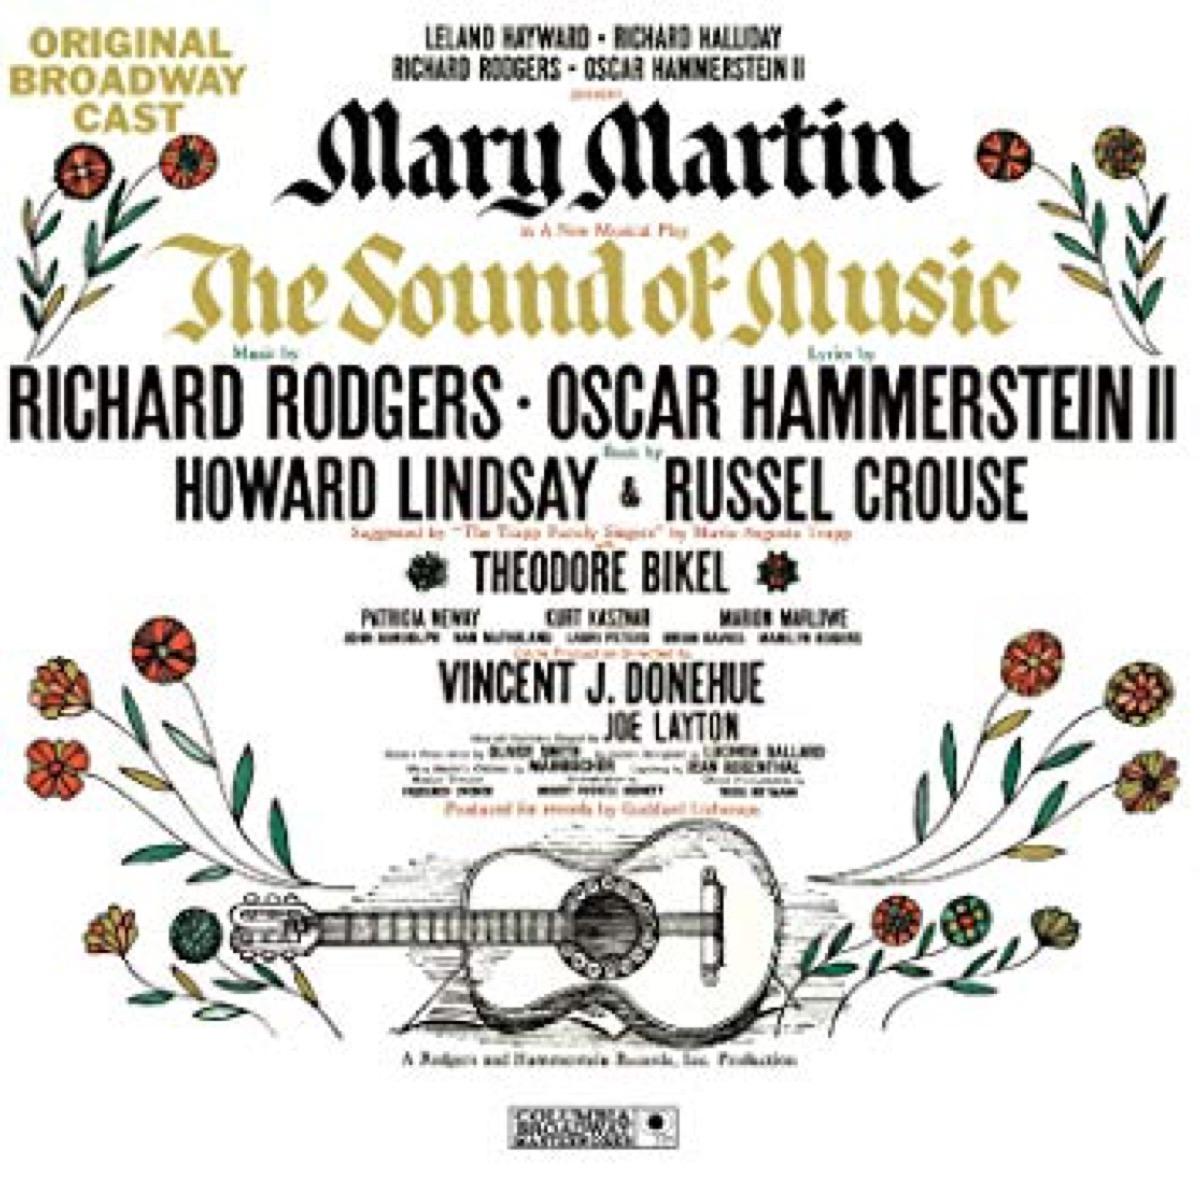 the sound of music original cast recording